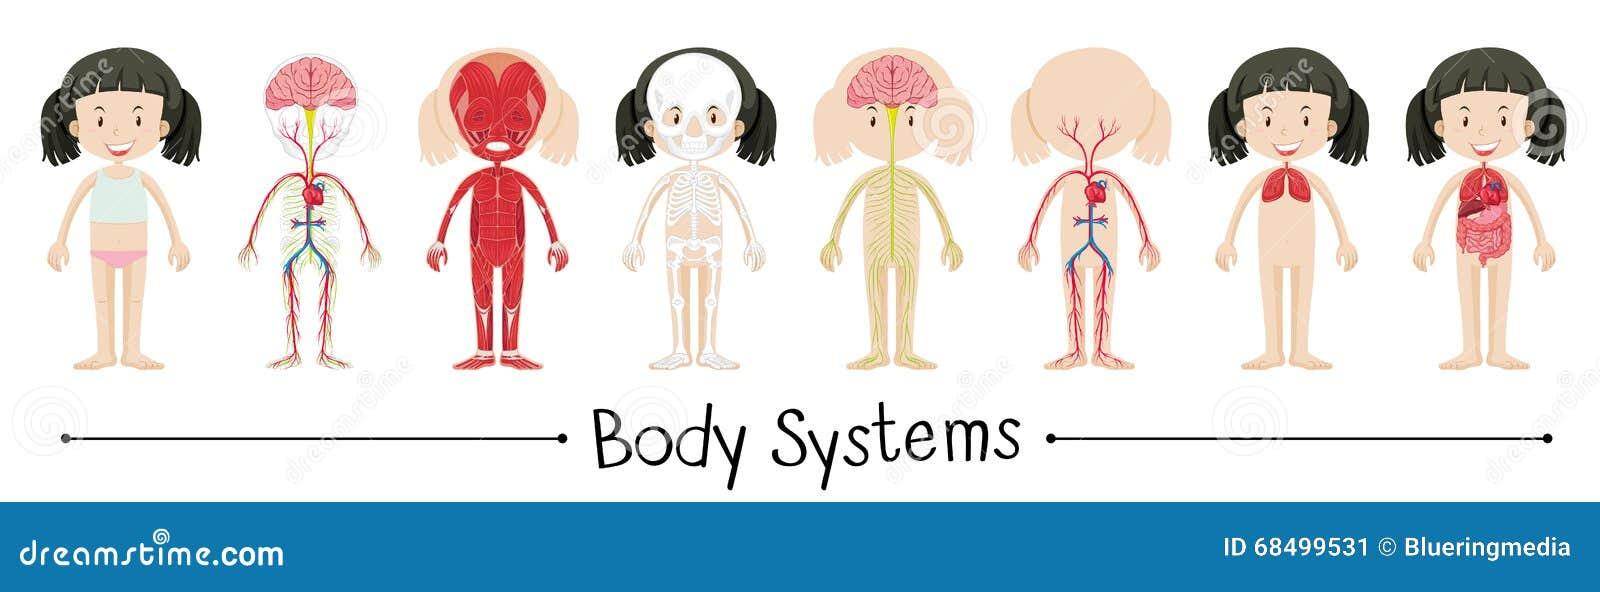 Kroppsystem av den mänskliga flickan